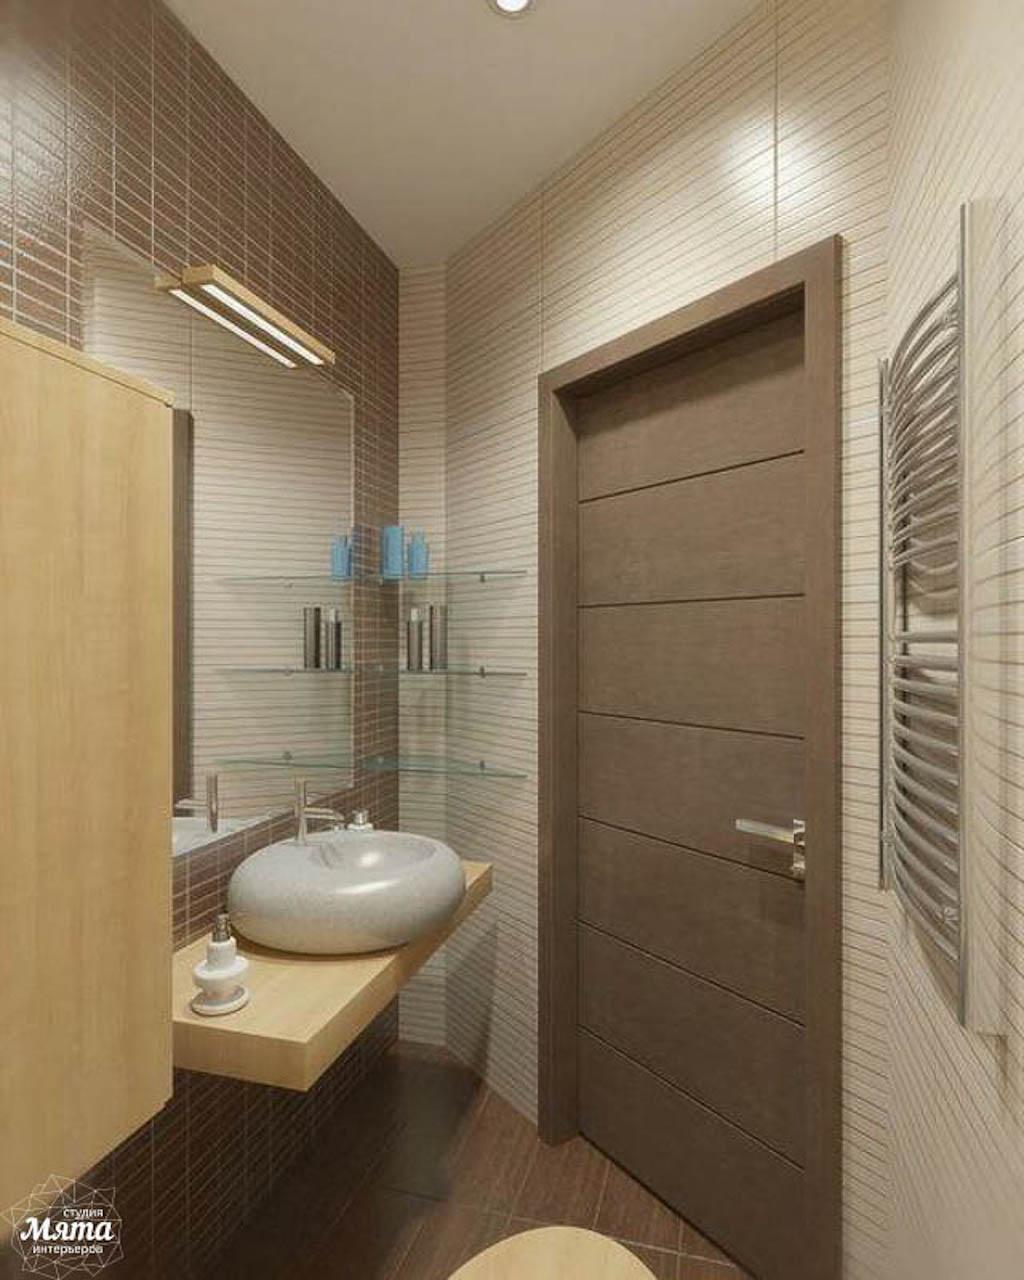 Дизайн интерьера трехкомнатной квартиры по ул. Куйбышева 21-2 img300325076